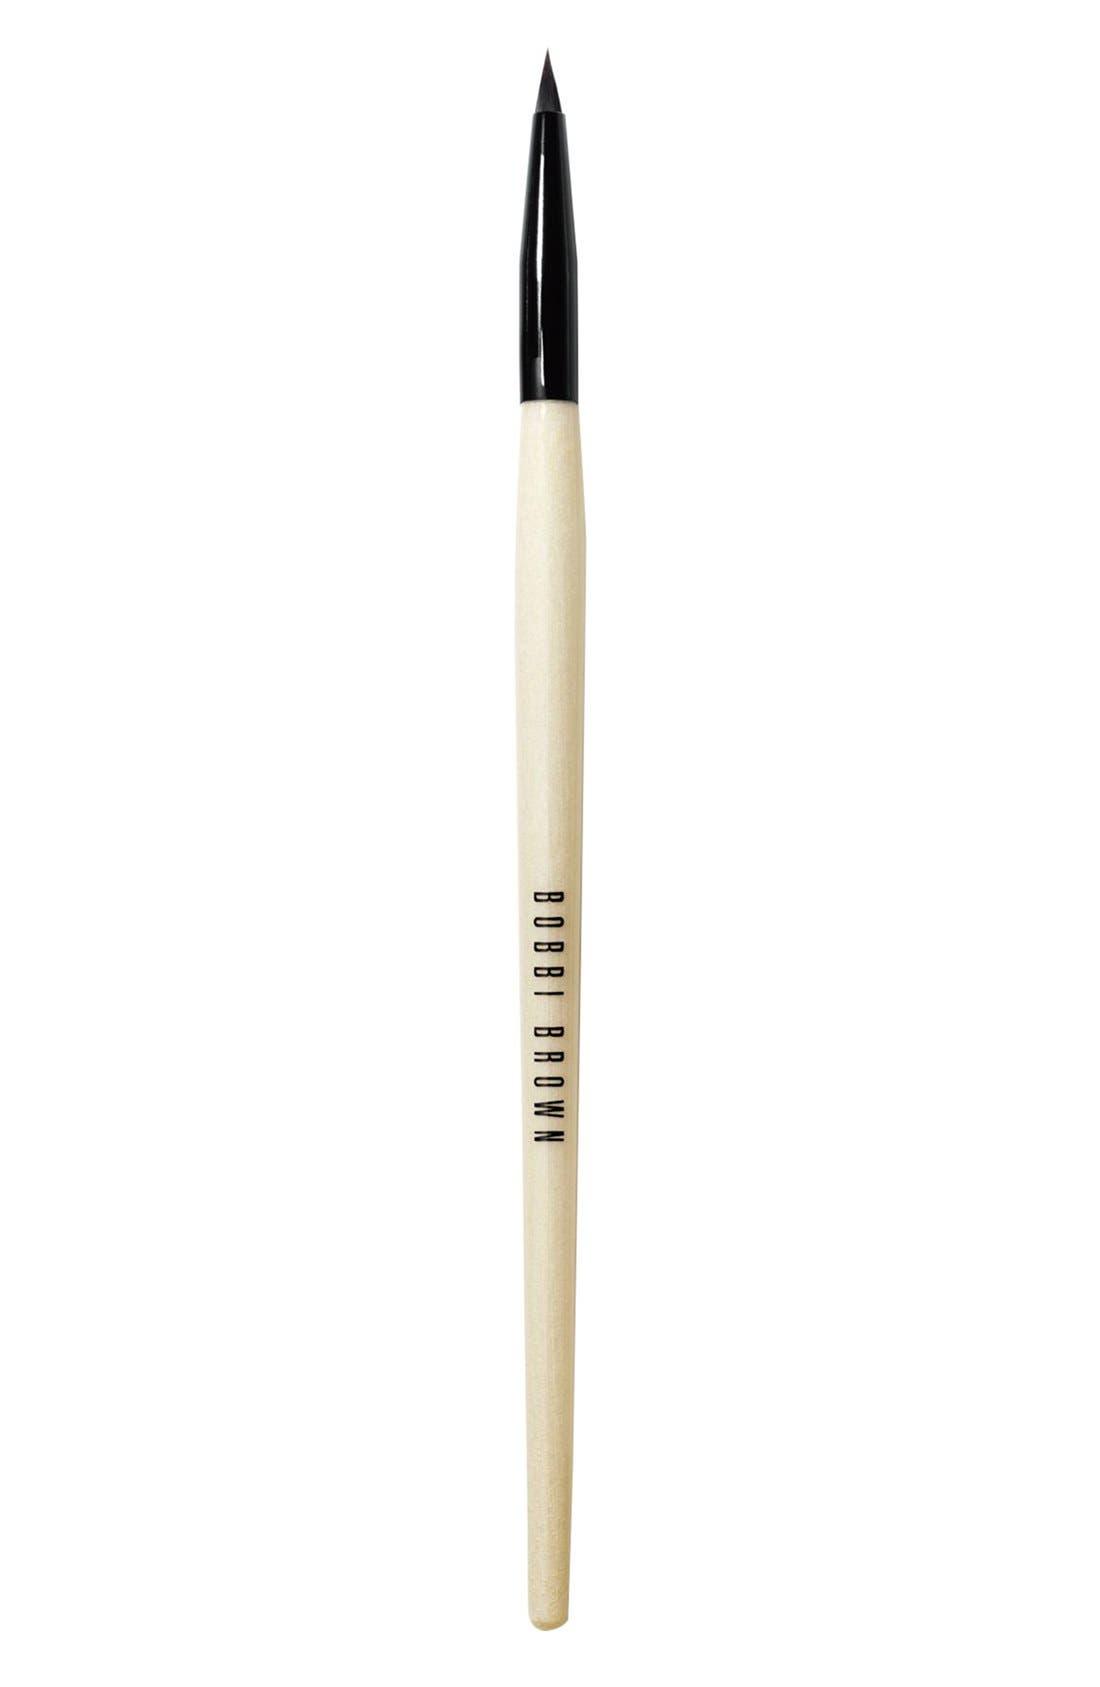 Bobbi Brown Ultra Precise Eyeliner Brush